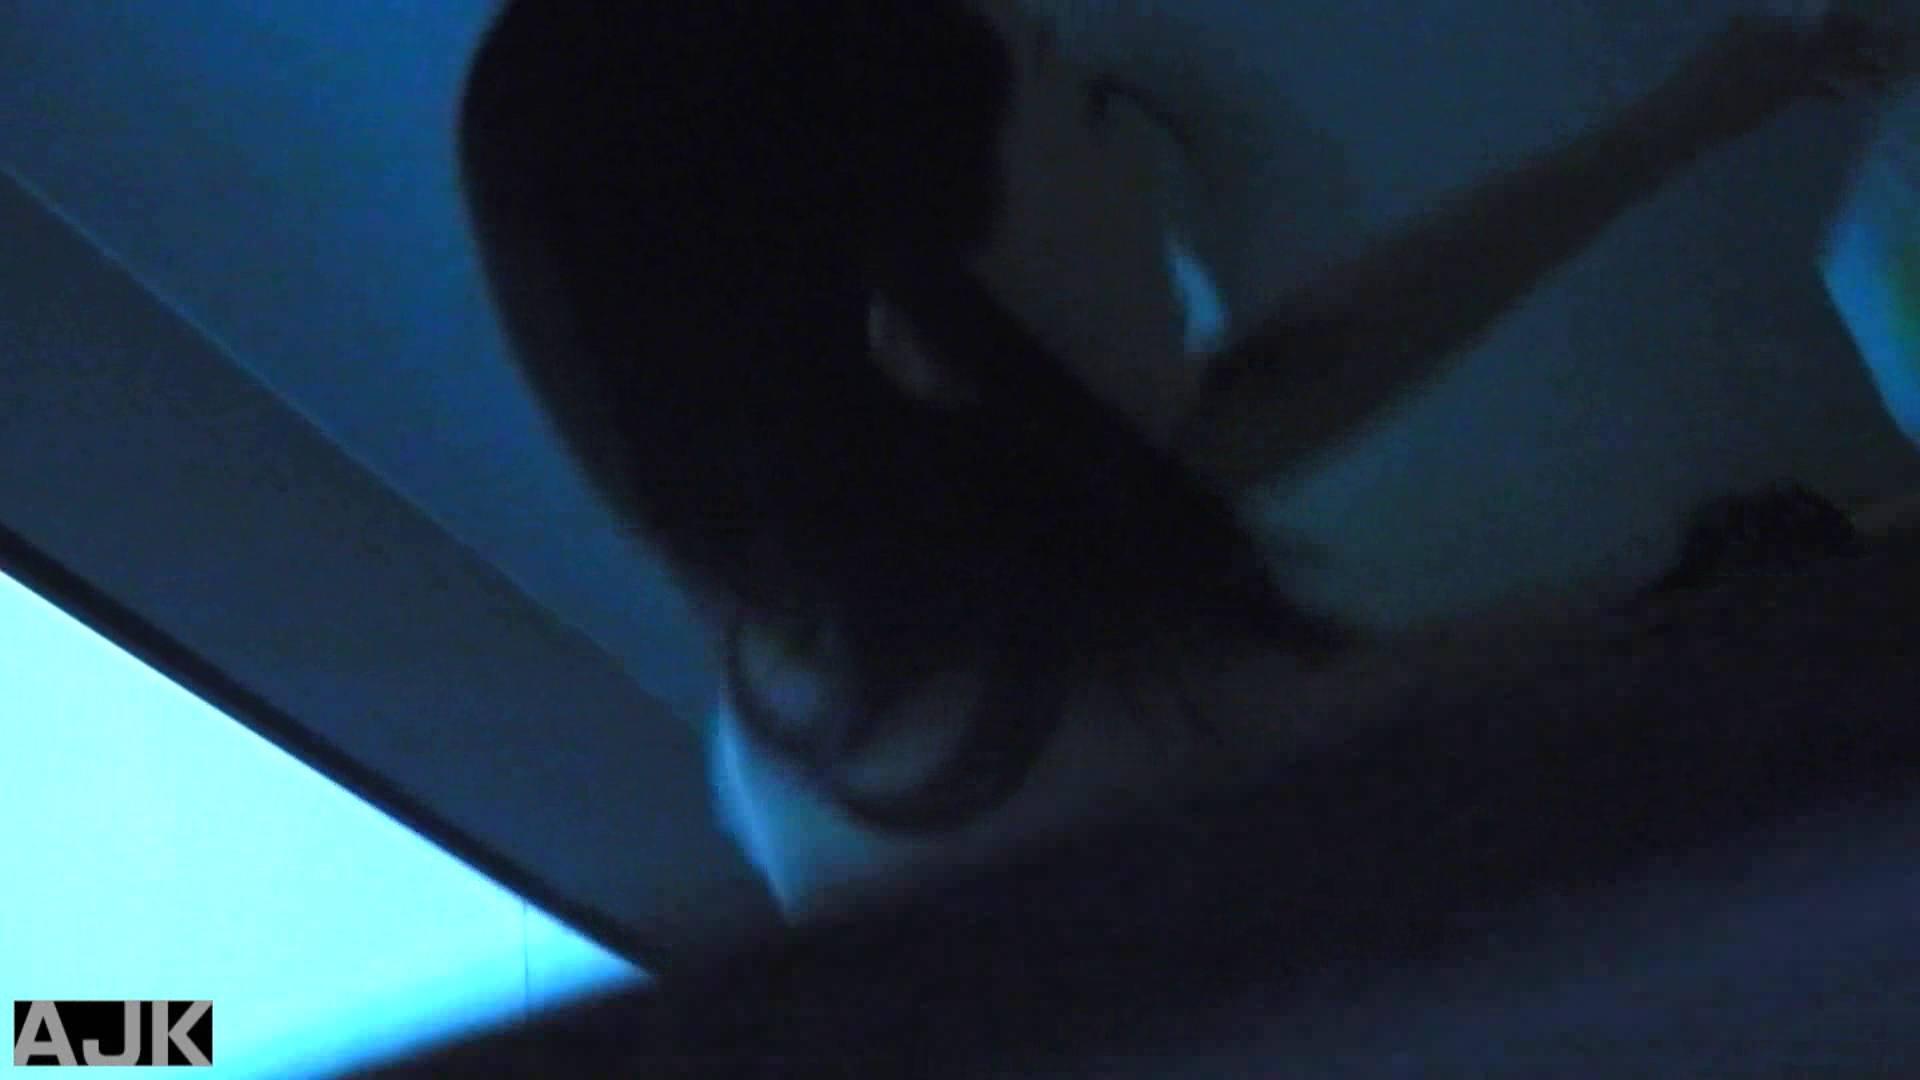 神降臨!史上最強の潜入かわや! vol.13 無修正マンコ 盗撮エロ画像 66PICs 4